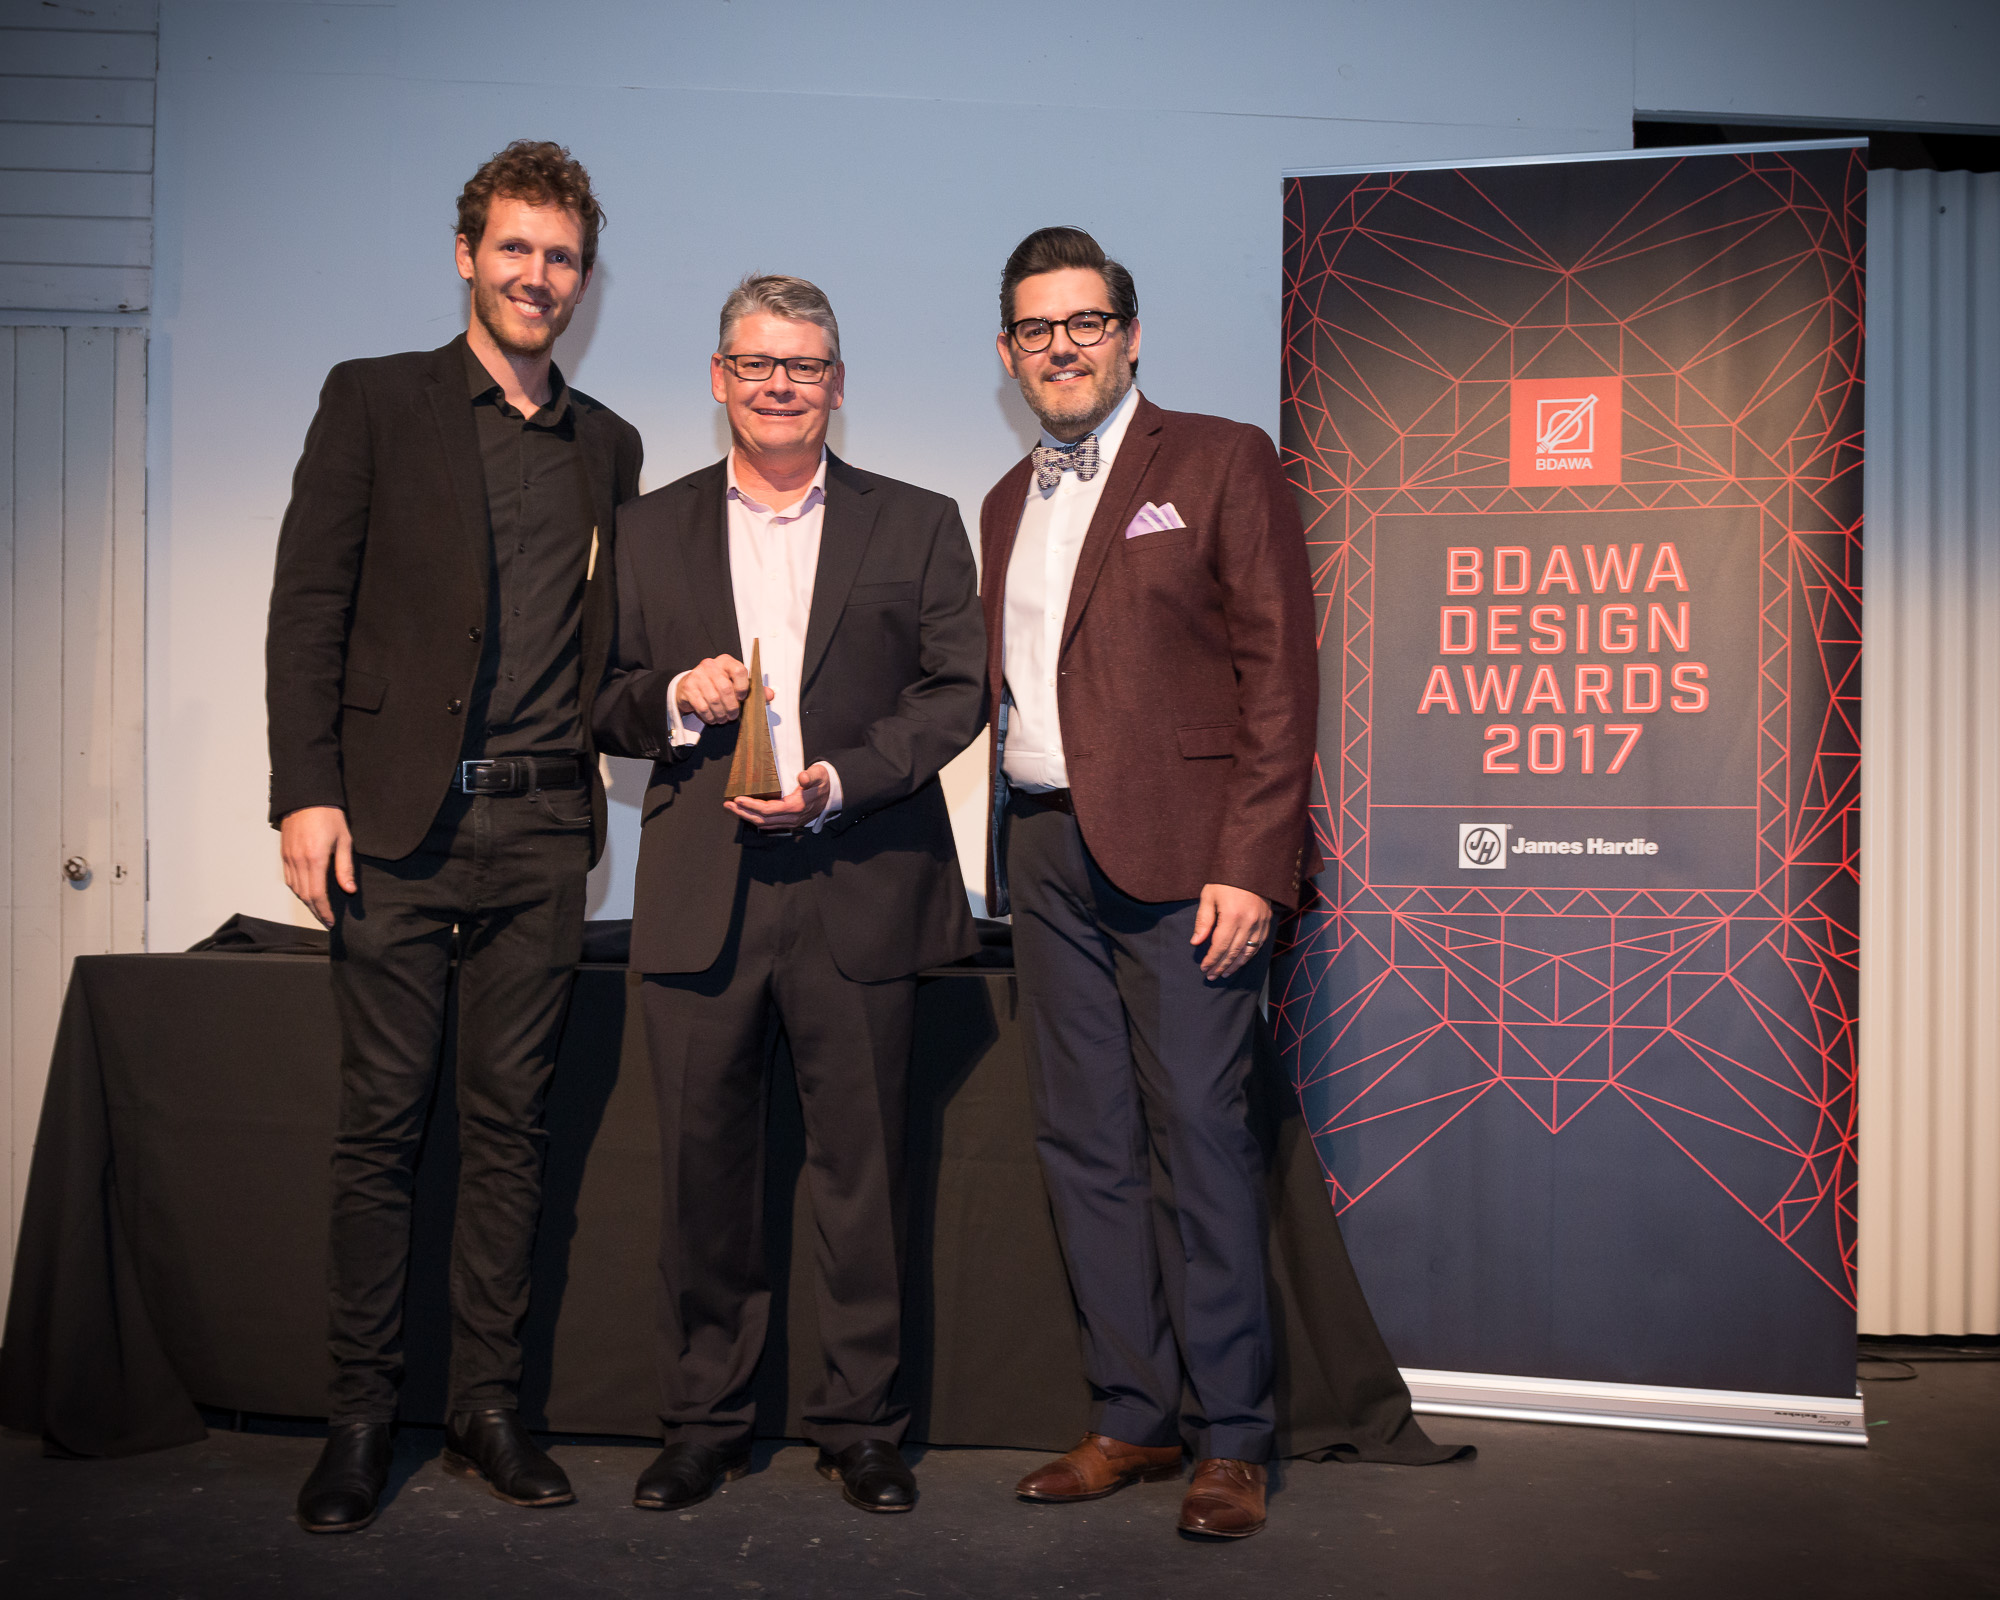 0206 BDA WA Awards 2017 _JHG7524.jpg